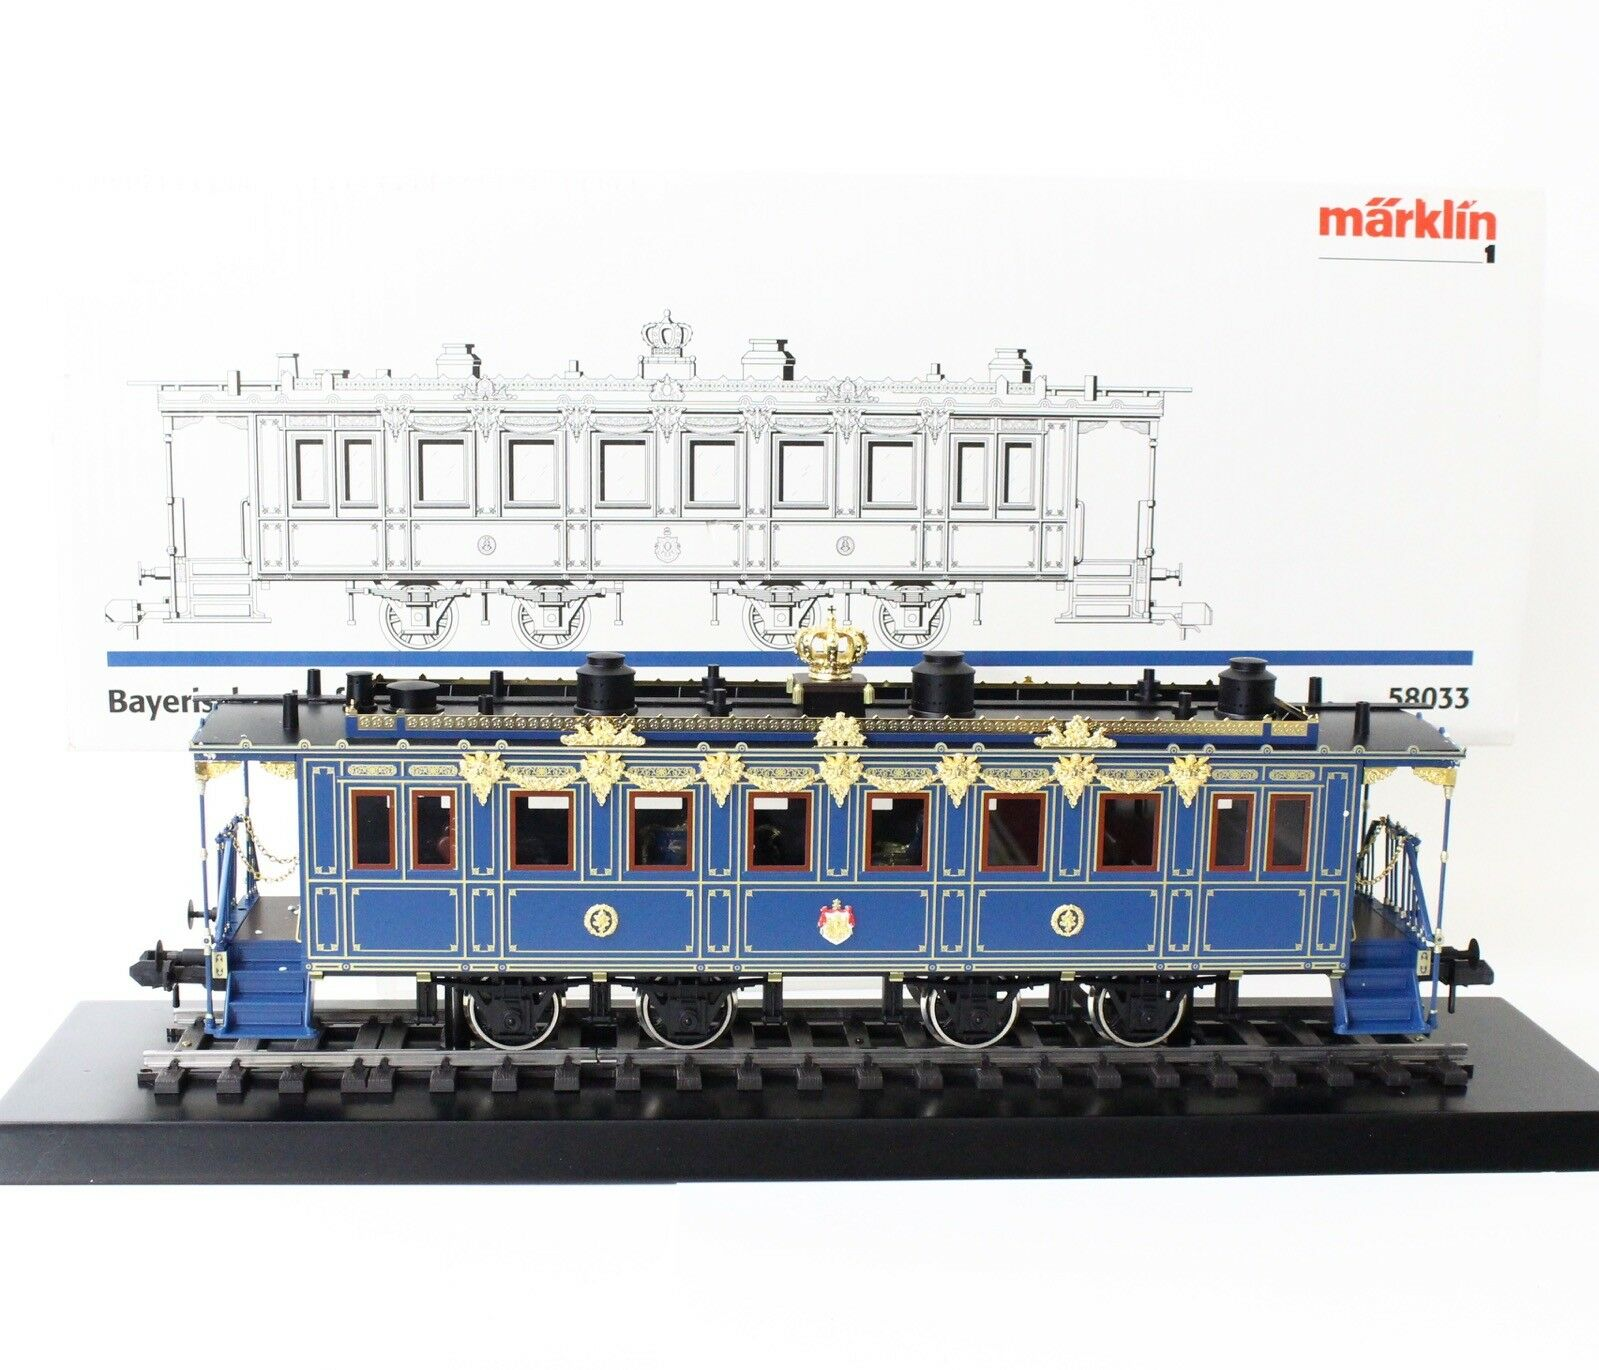 Marklin 58033 1 Gauge Bavarian Royal Court Train (II)K.Bay.Sts.B. Salon Car